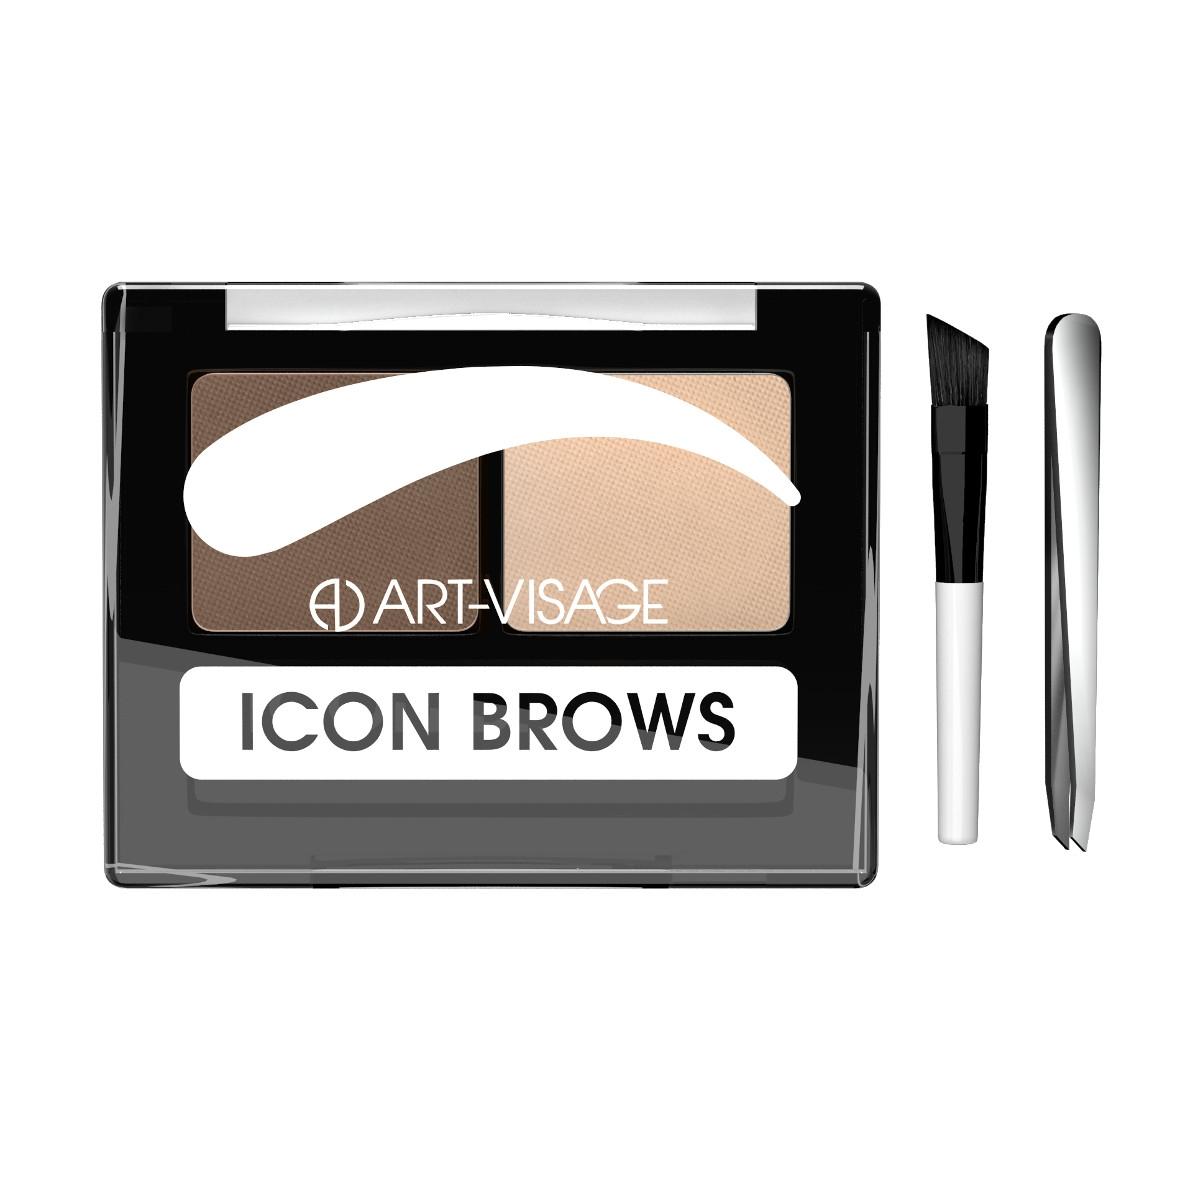 Двойные тени для бровей Art-Visage ICON BROWS с кисточкой и пинцетом 422